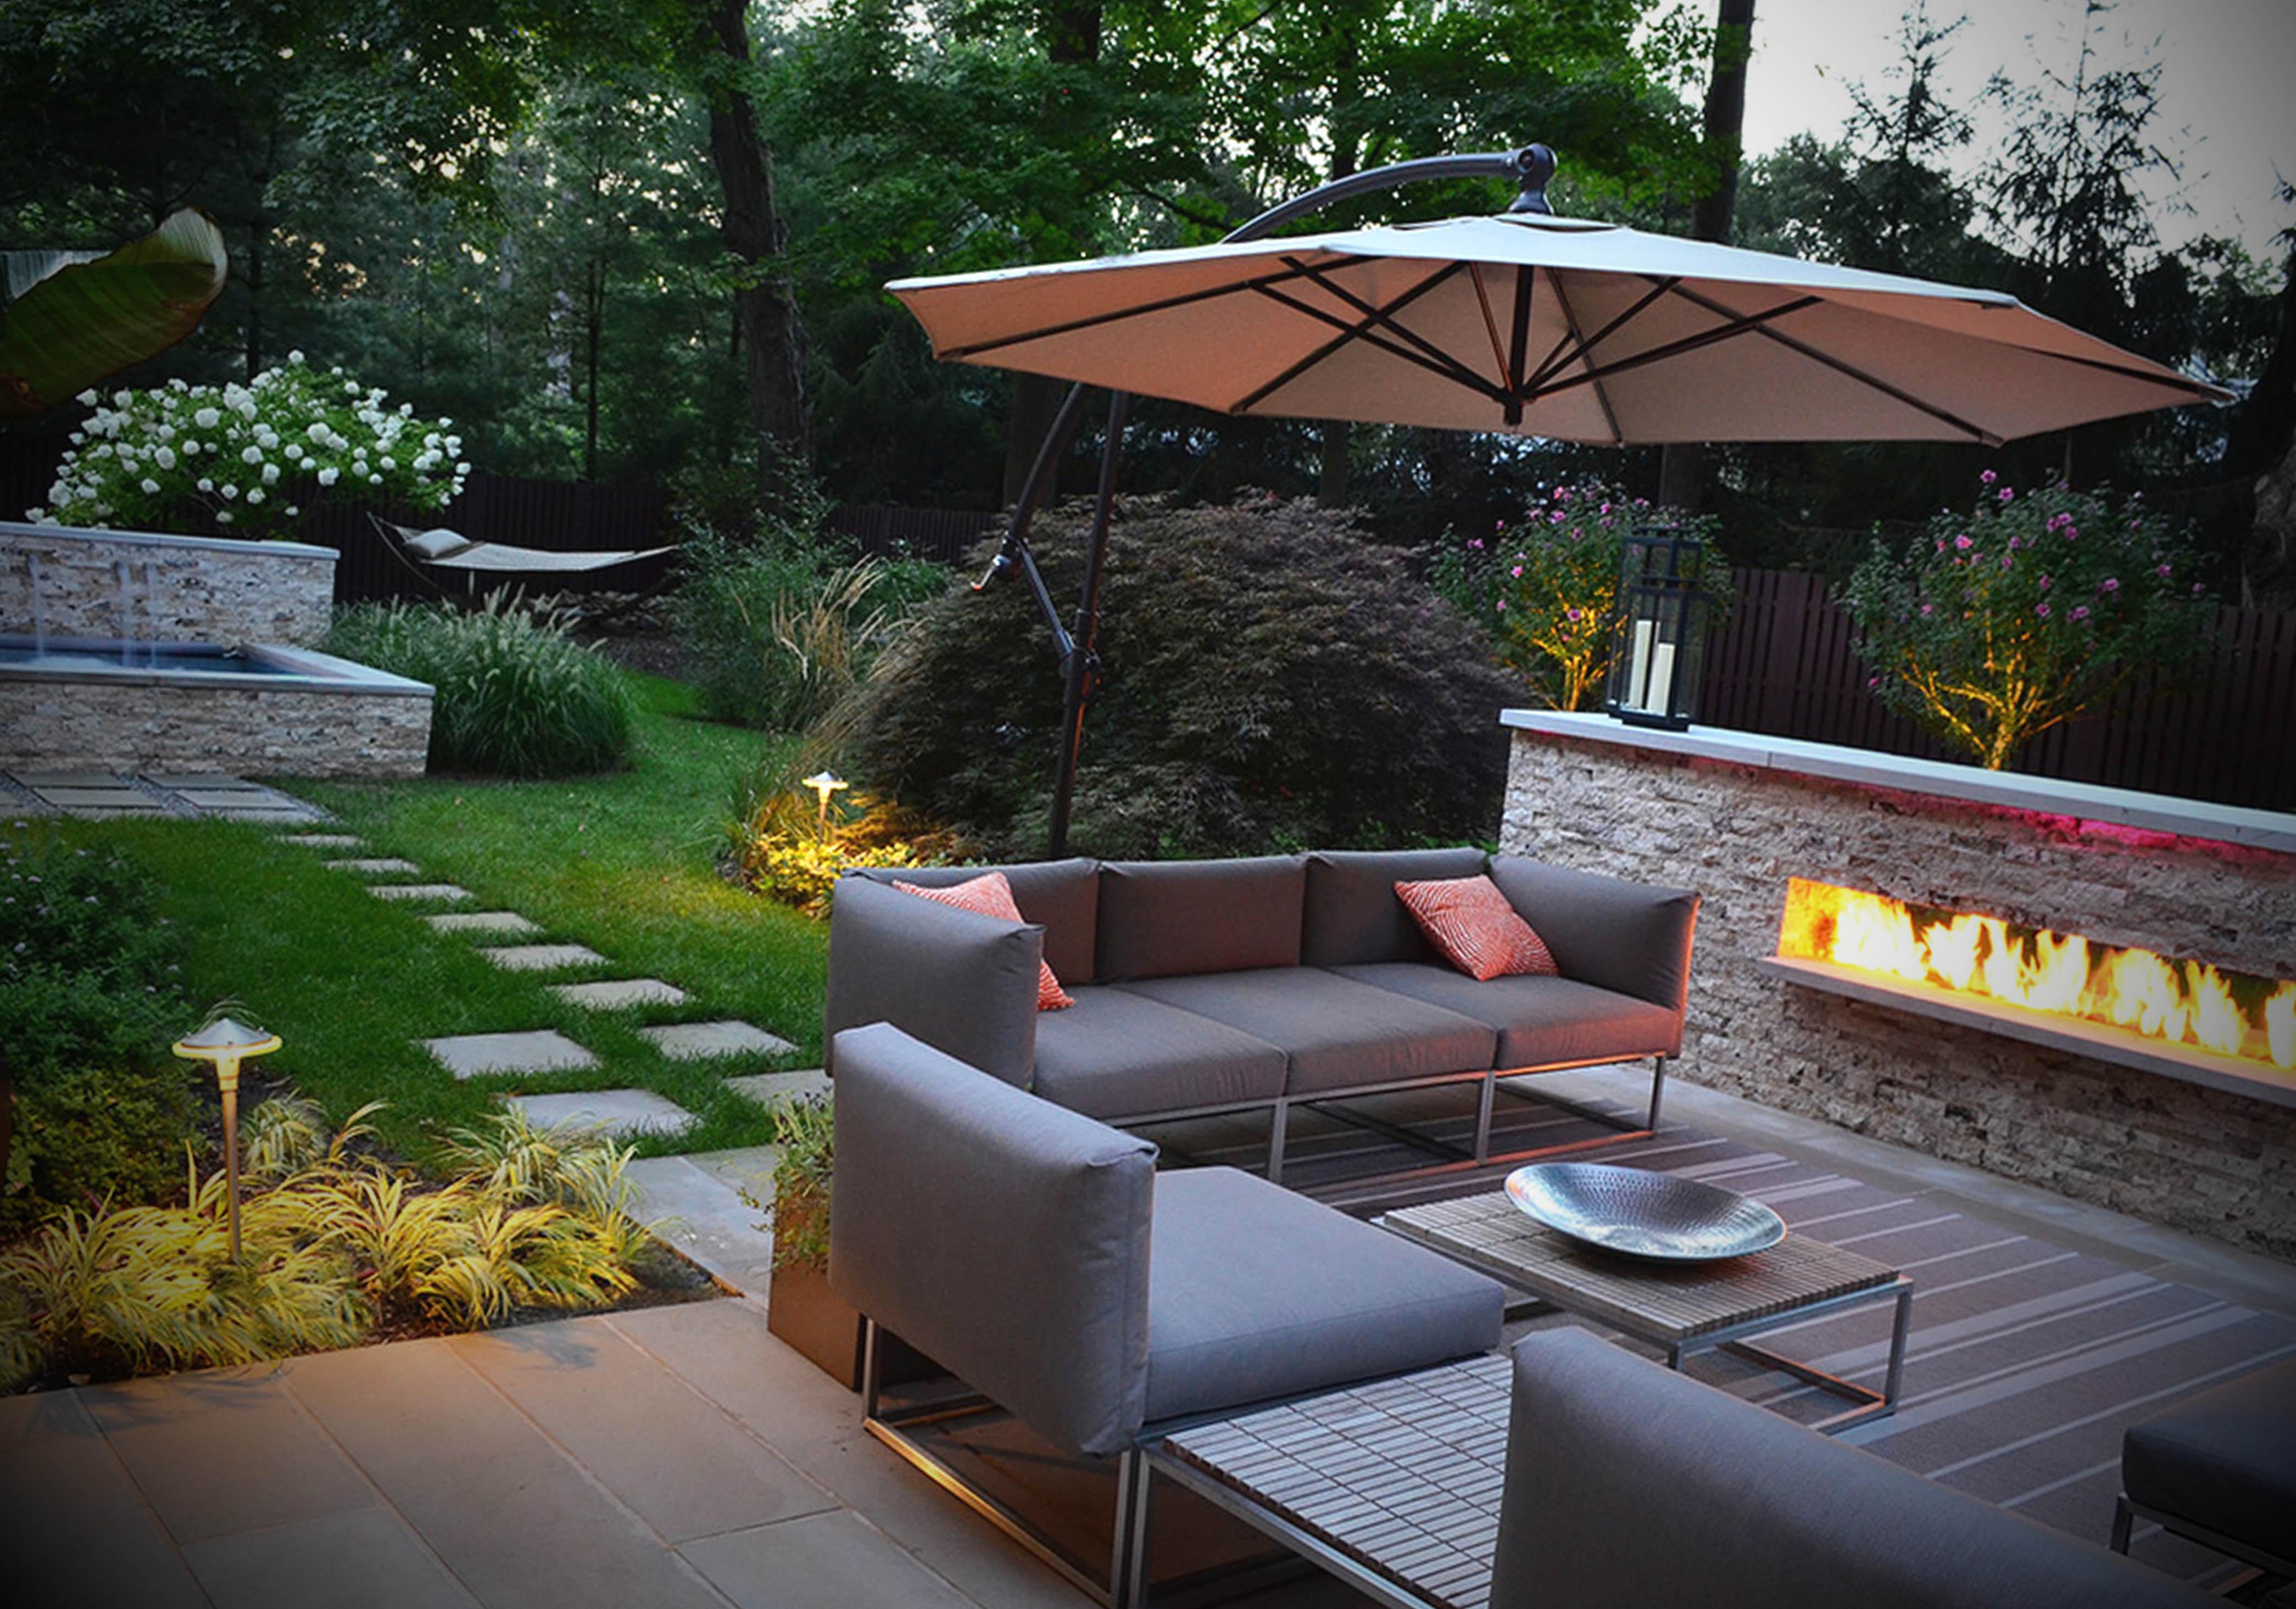 Fotos de jardins externos decorados for Sofa exterior jardim